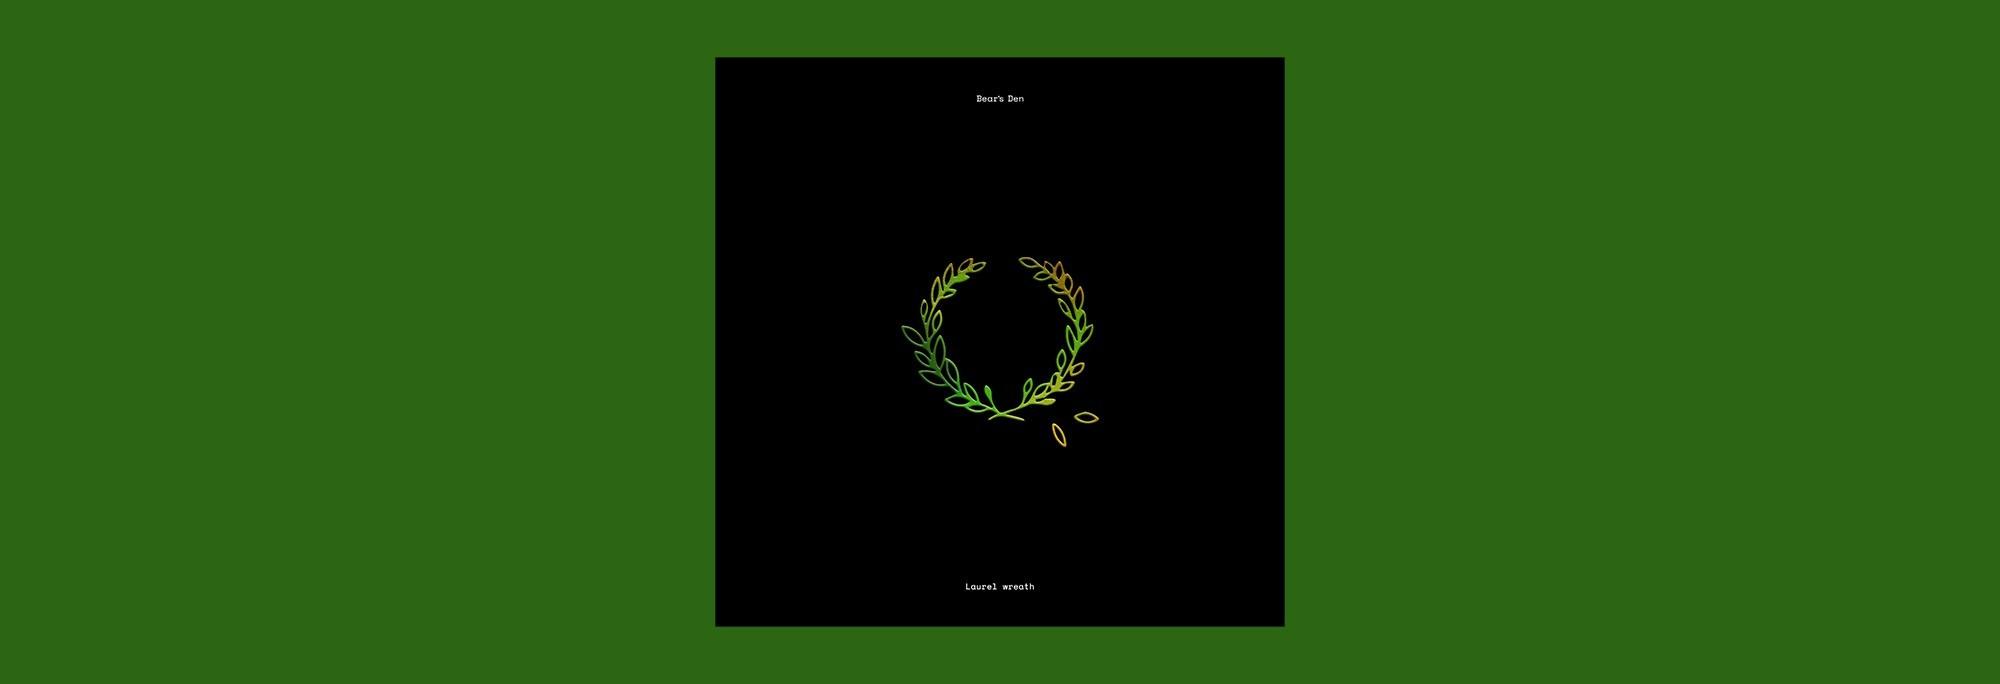 Bear's Den - Laurel Wreath